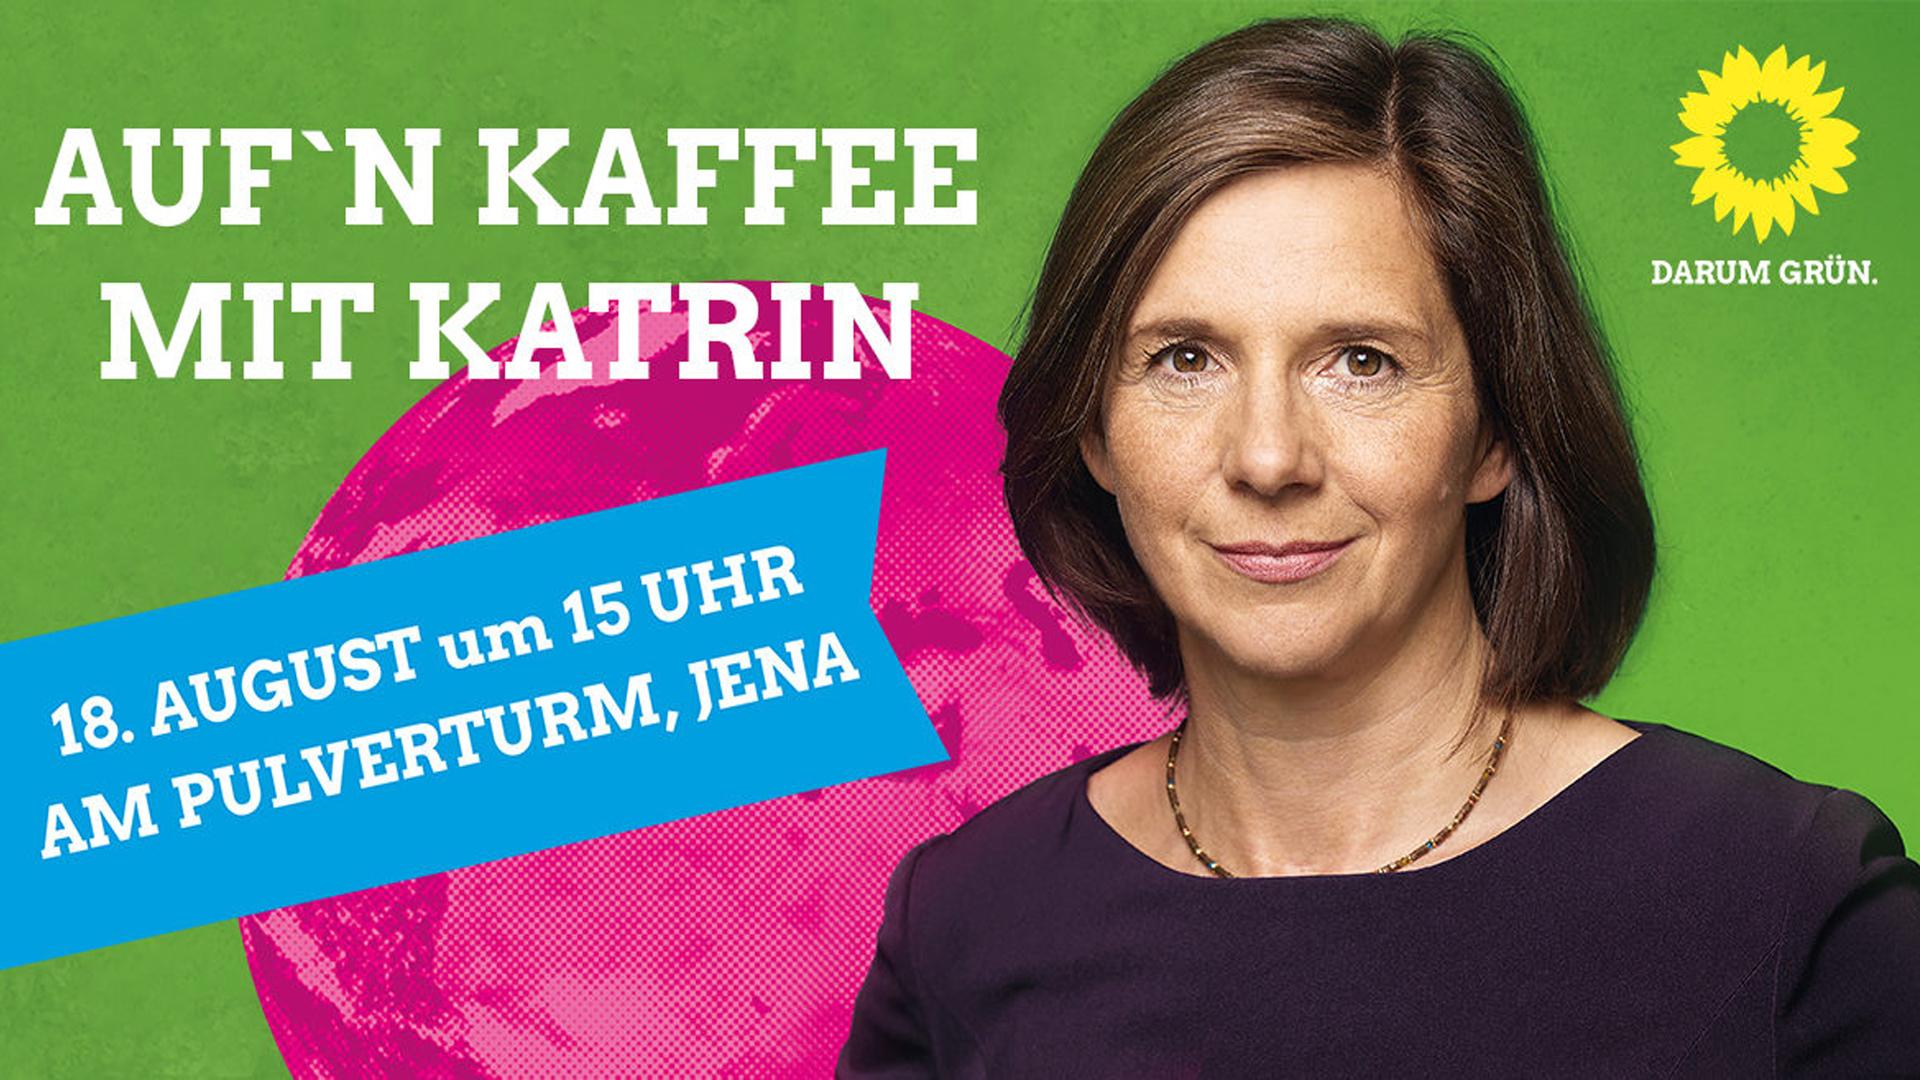 Auf 'n Kaffee mit Katrin